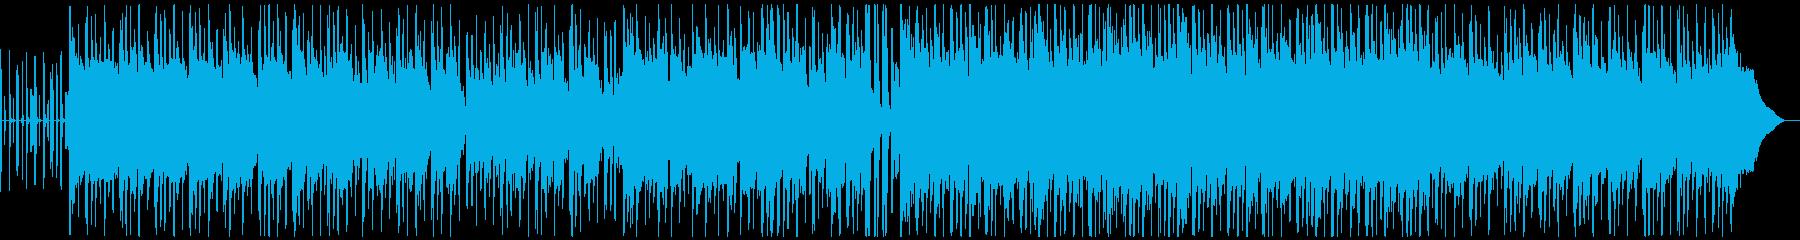 生アコースティックギターの切ないメロディの再生済みの波形